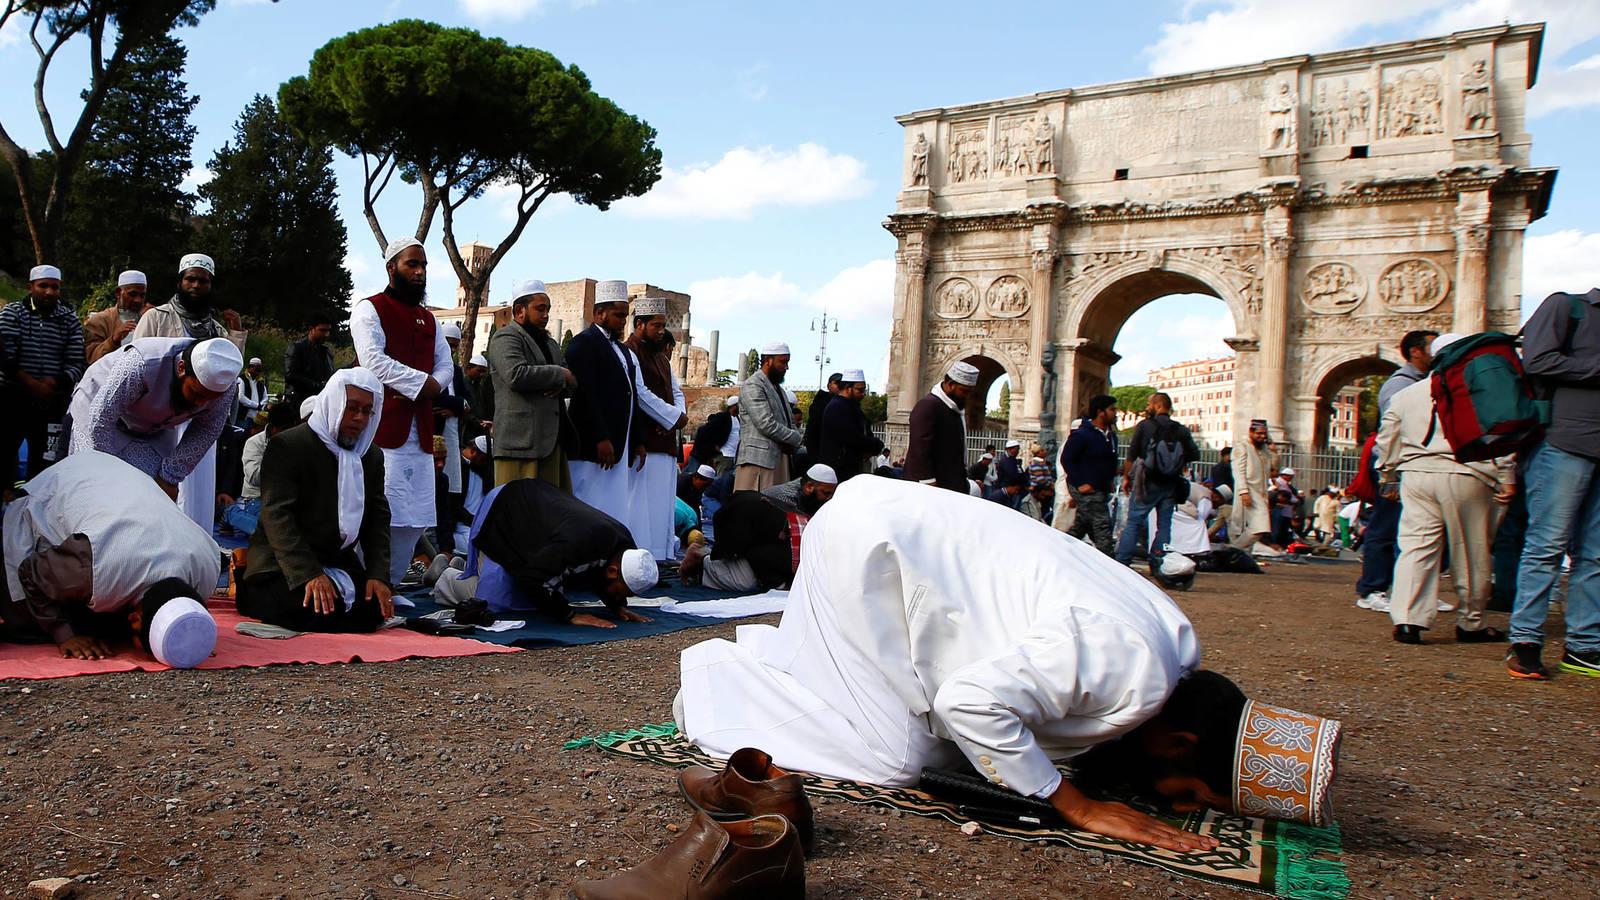 ECONOMIA DEL ISLAM